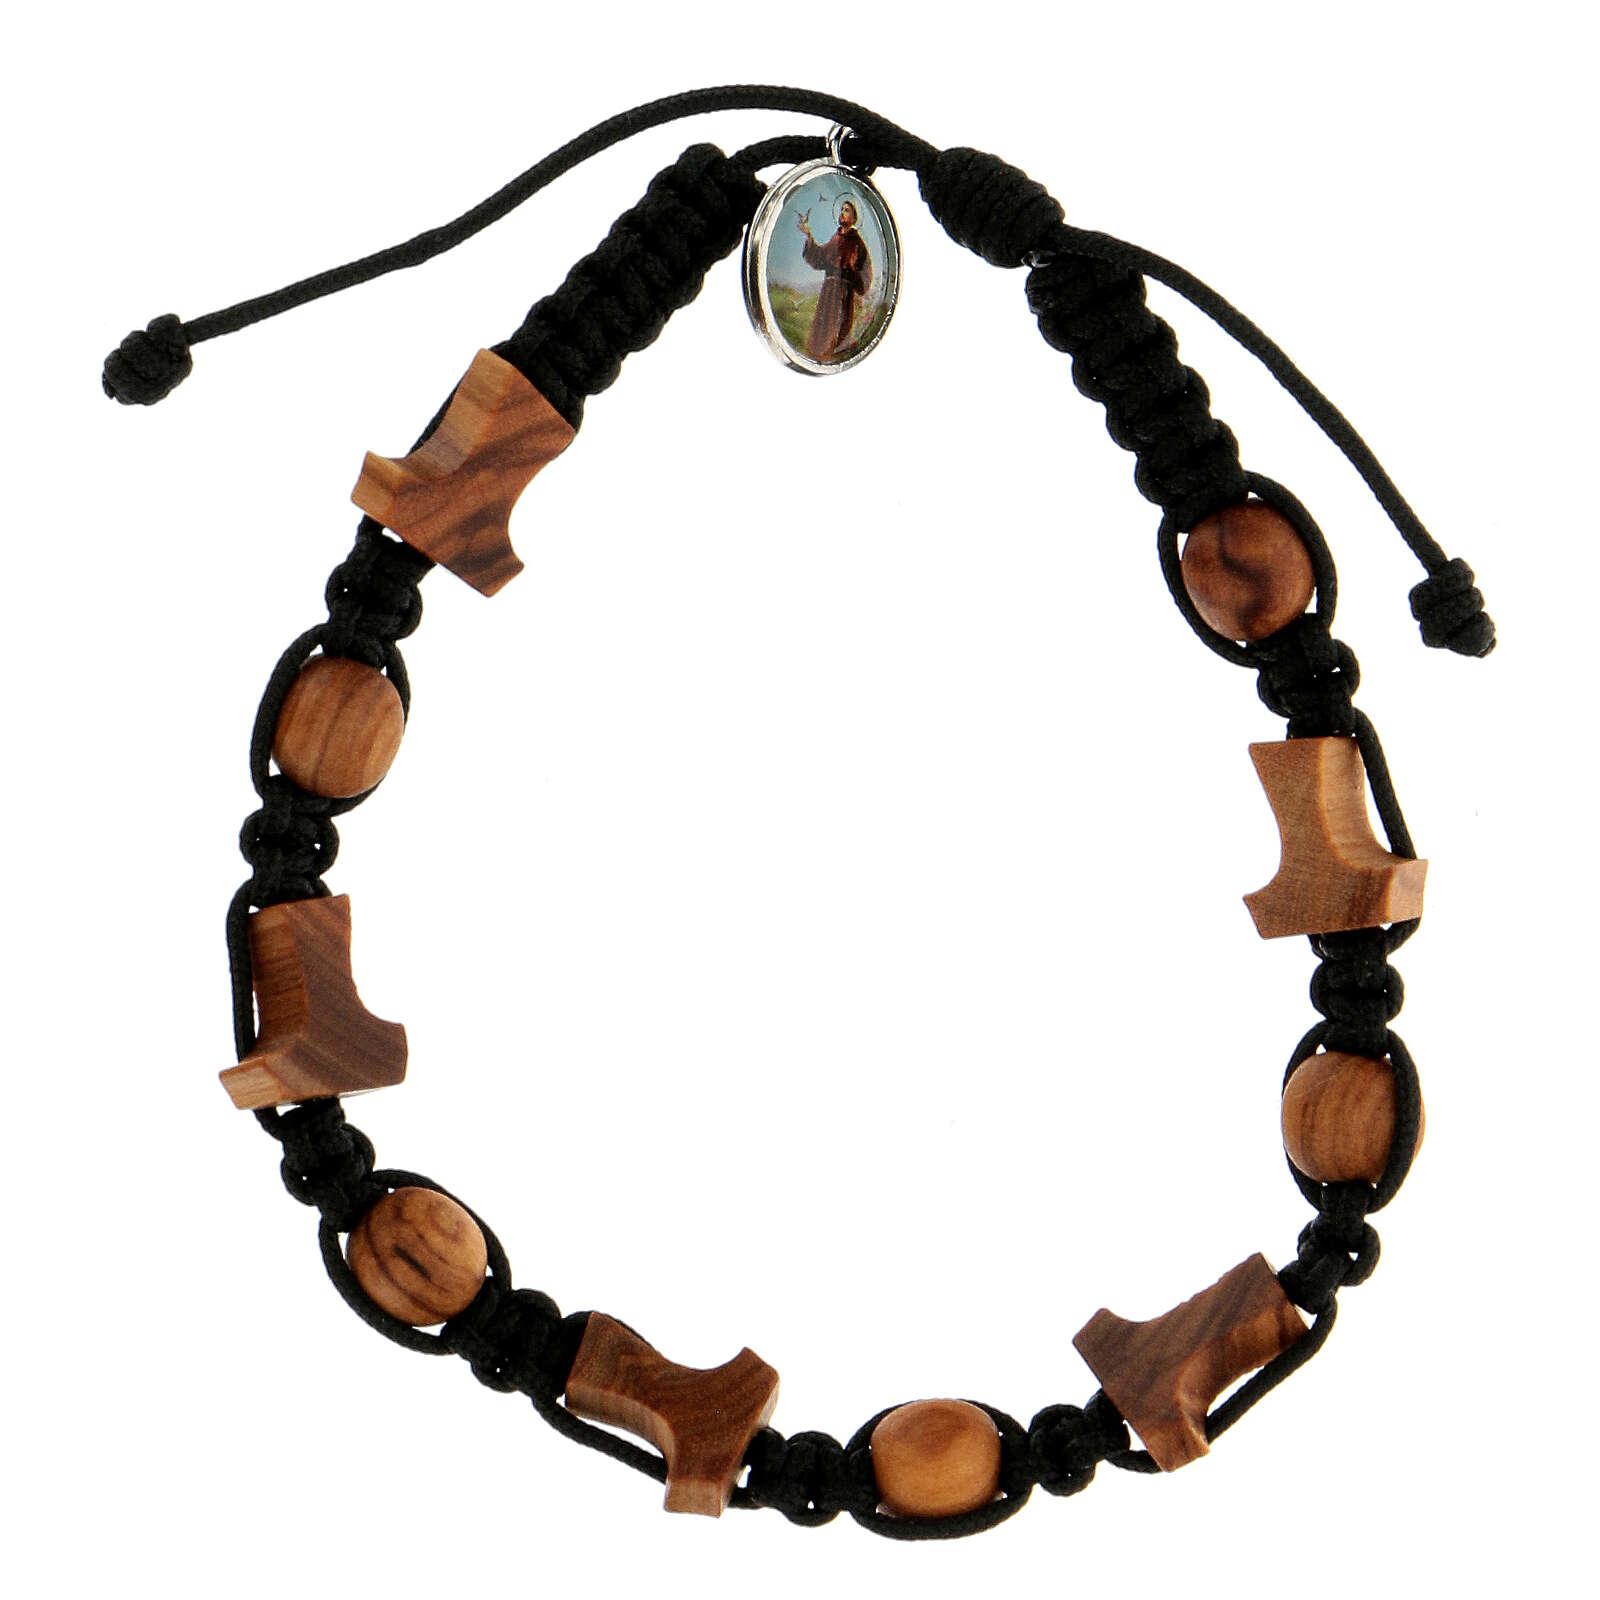 Bracelet Medjugorje grains croix corde noire 4